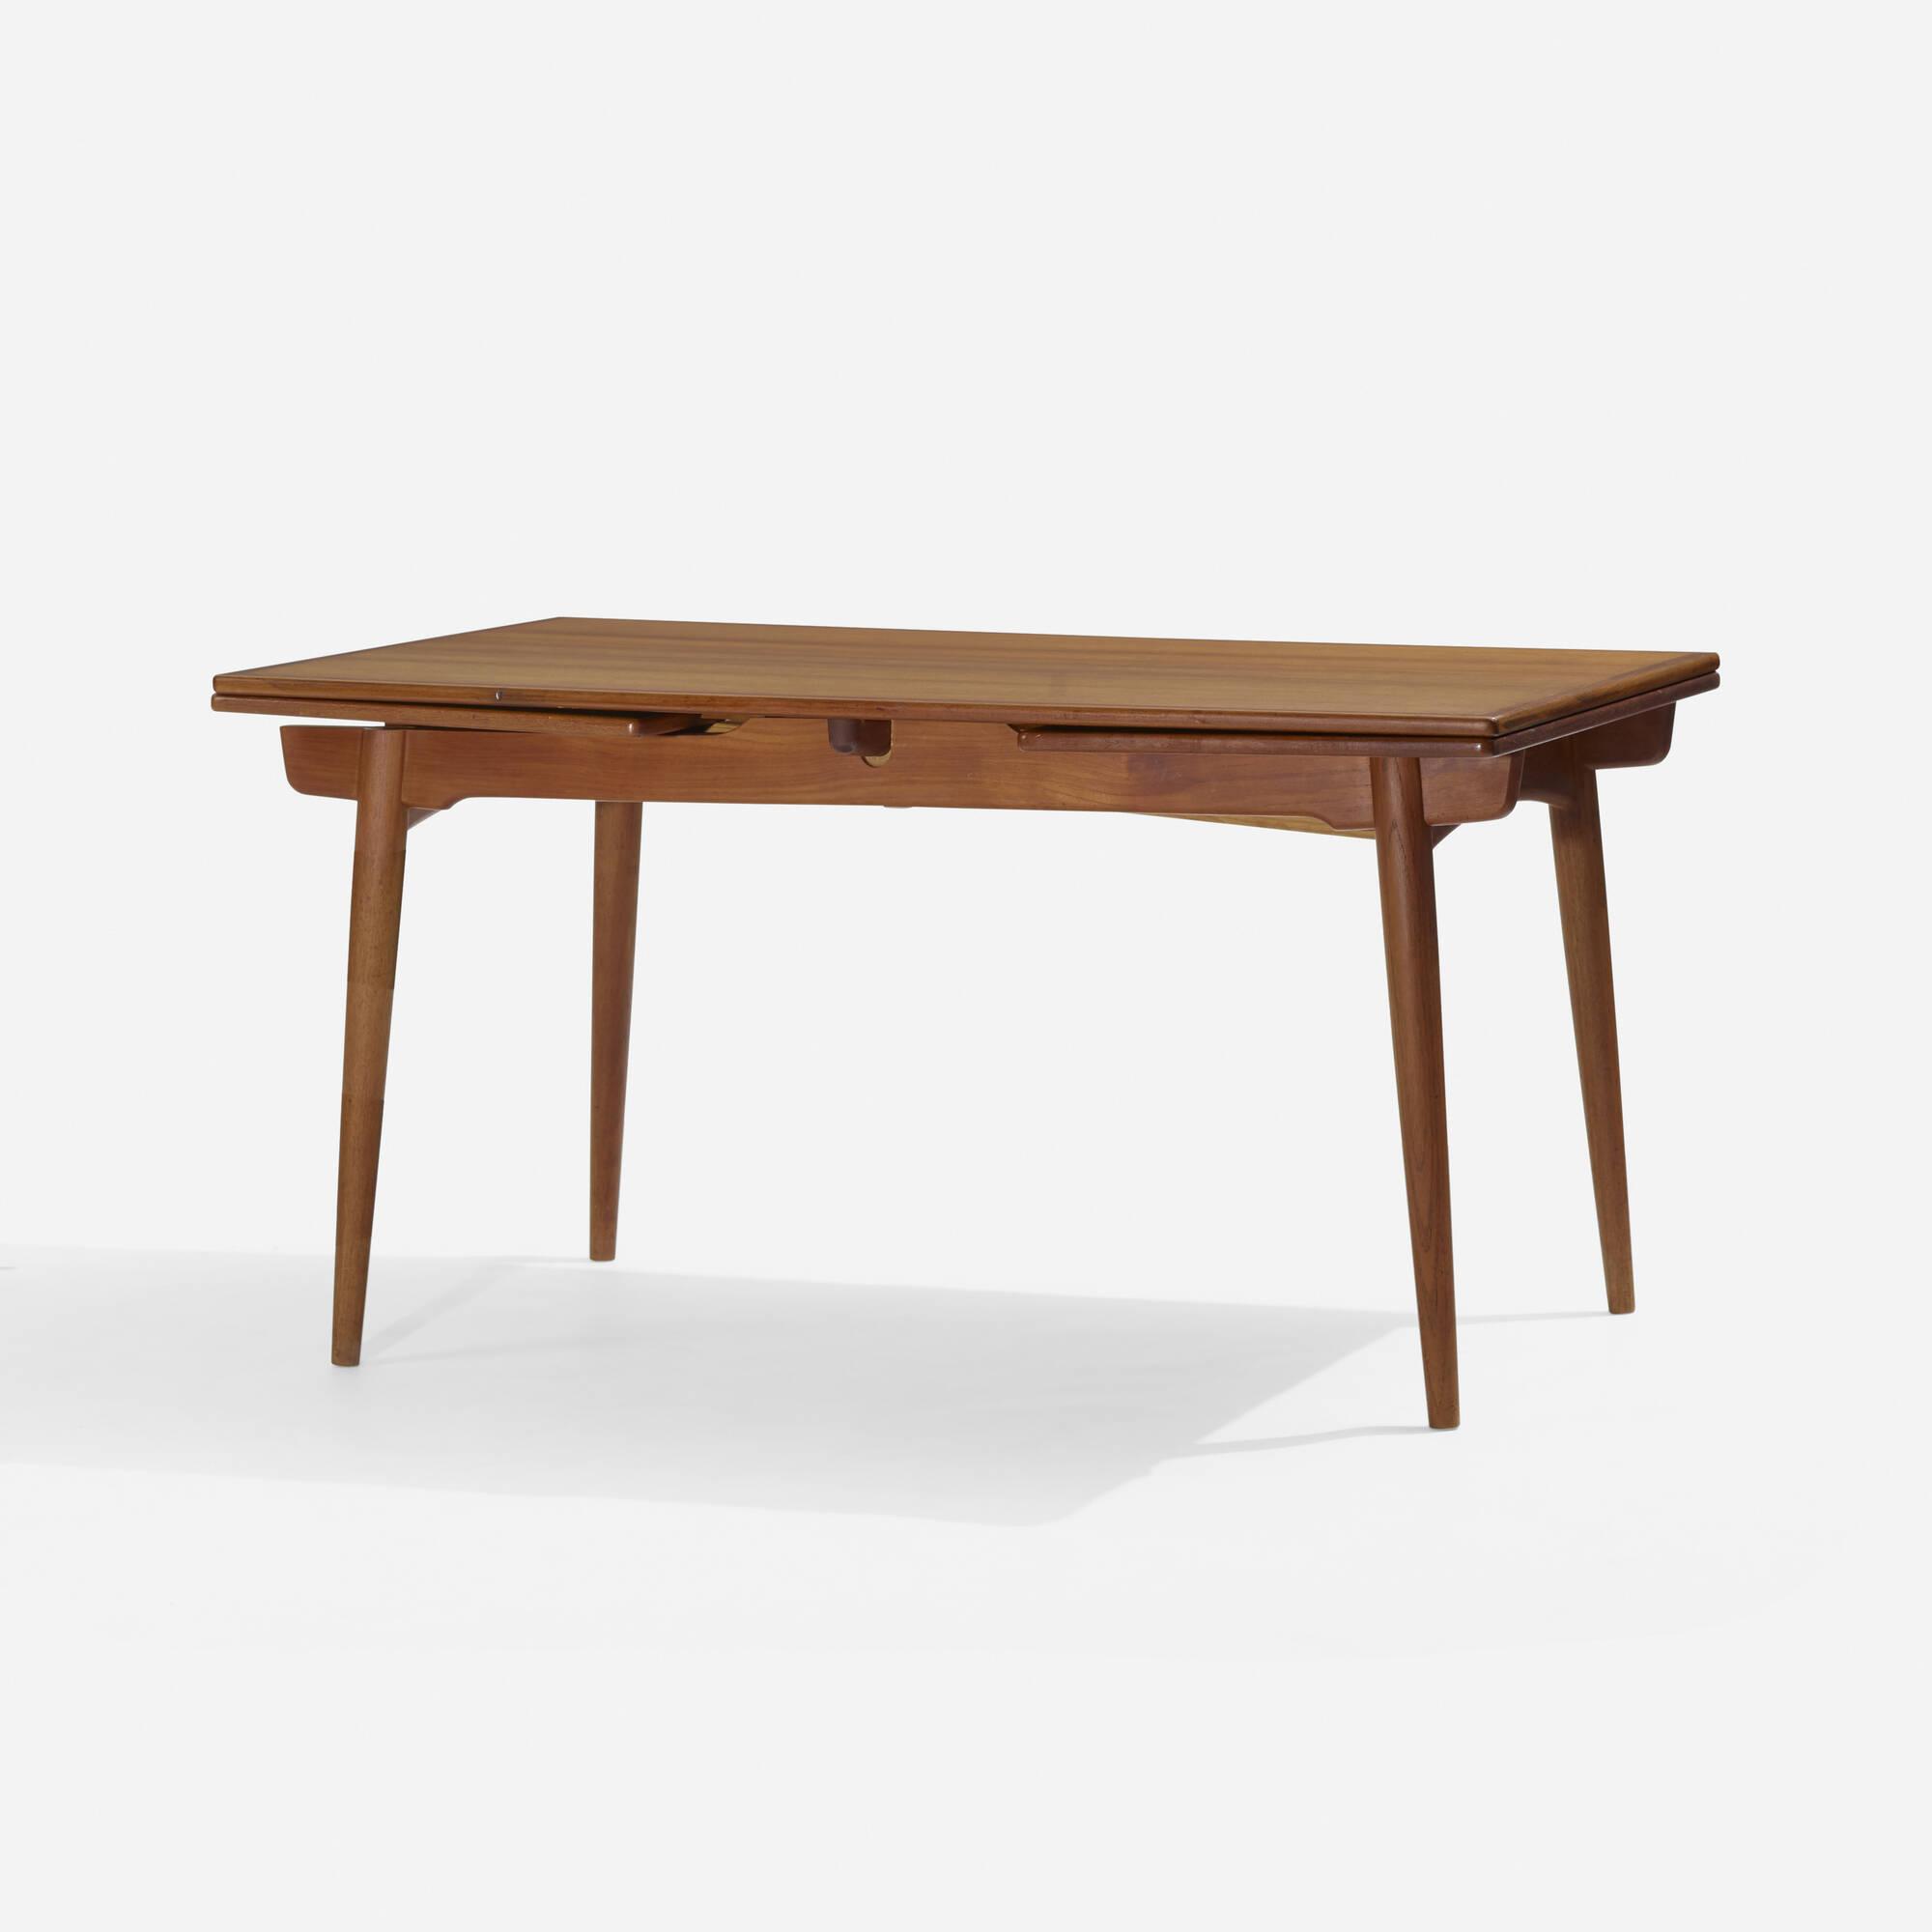 154: Hans J. Wegner / dining table, model AT312 (1 of 3)